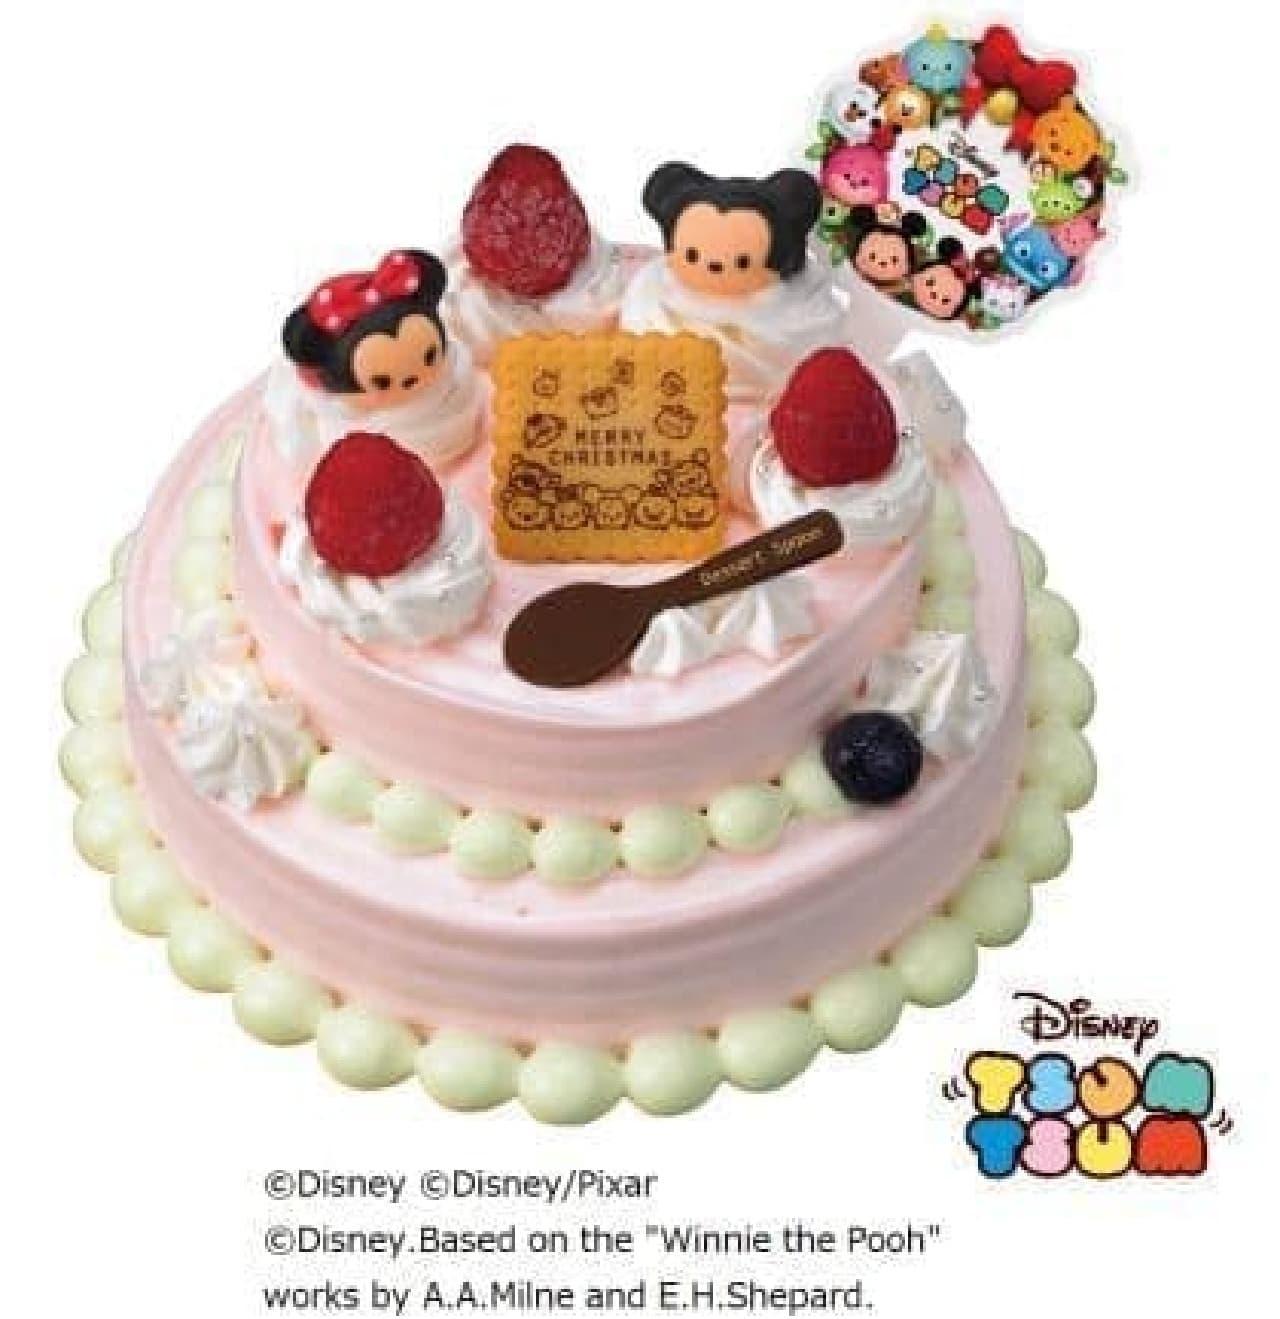 サーティワン アイスクリーム「'ツムツム'クリスマスデコレーションケーキ」